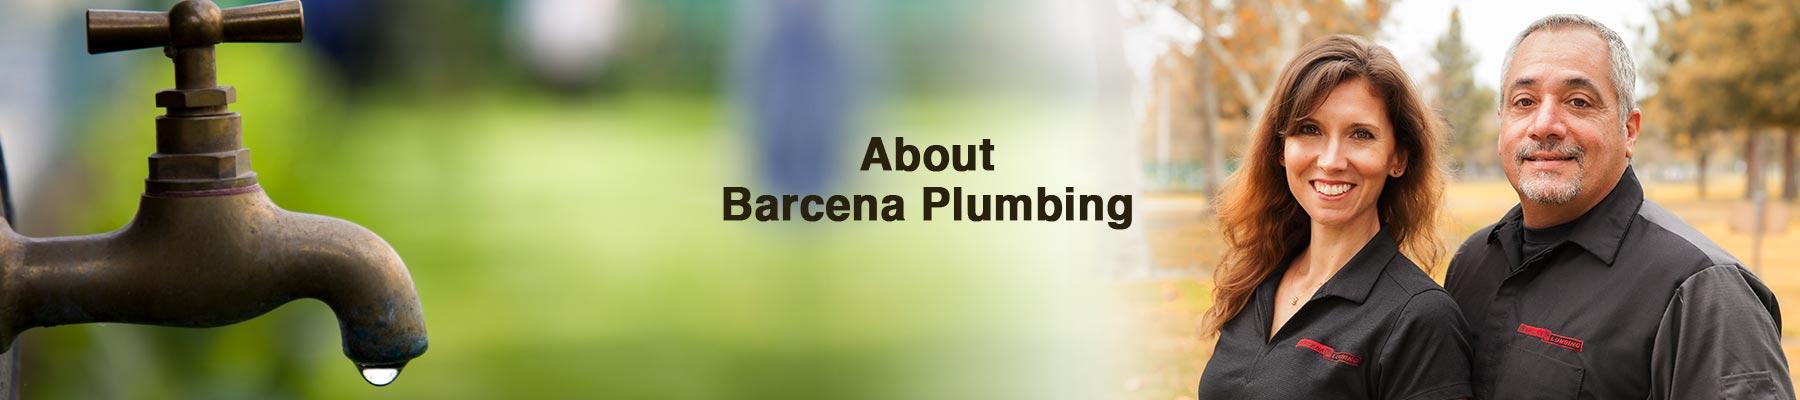 about-barcena-plumbing-2